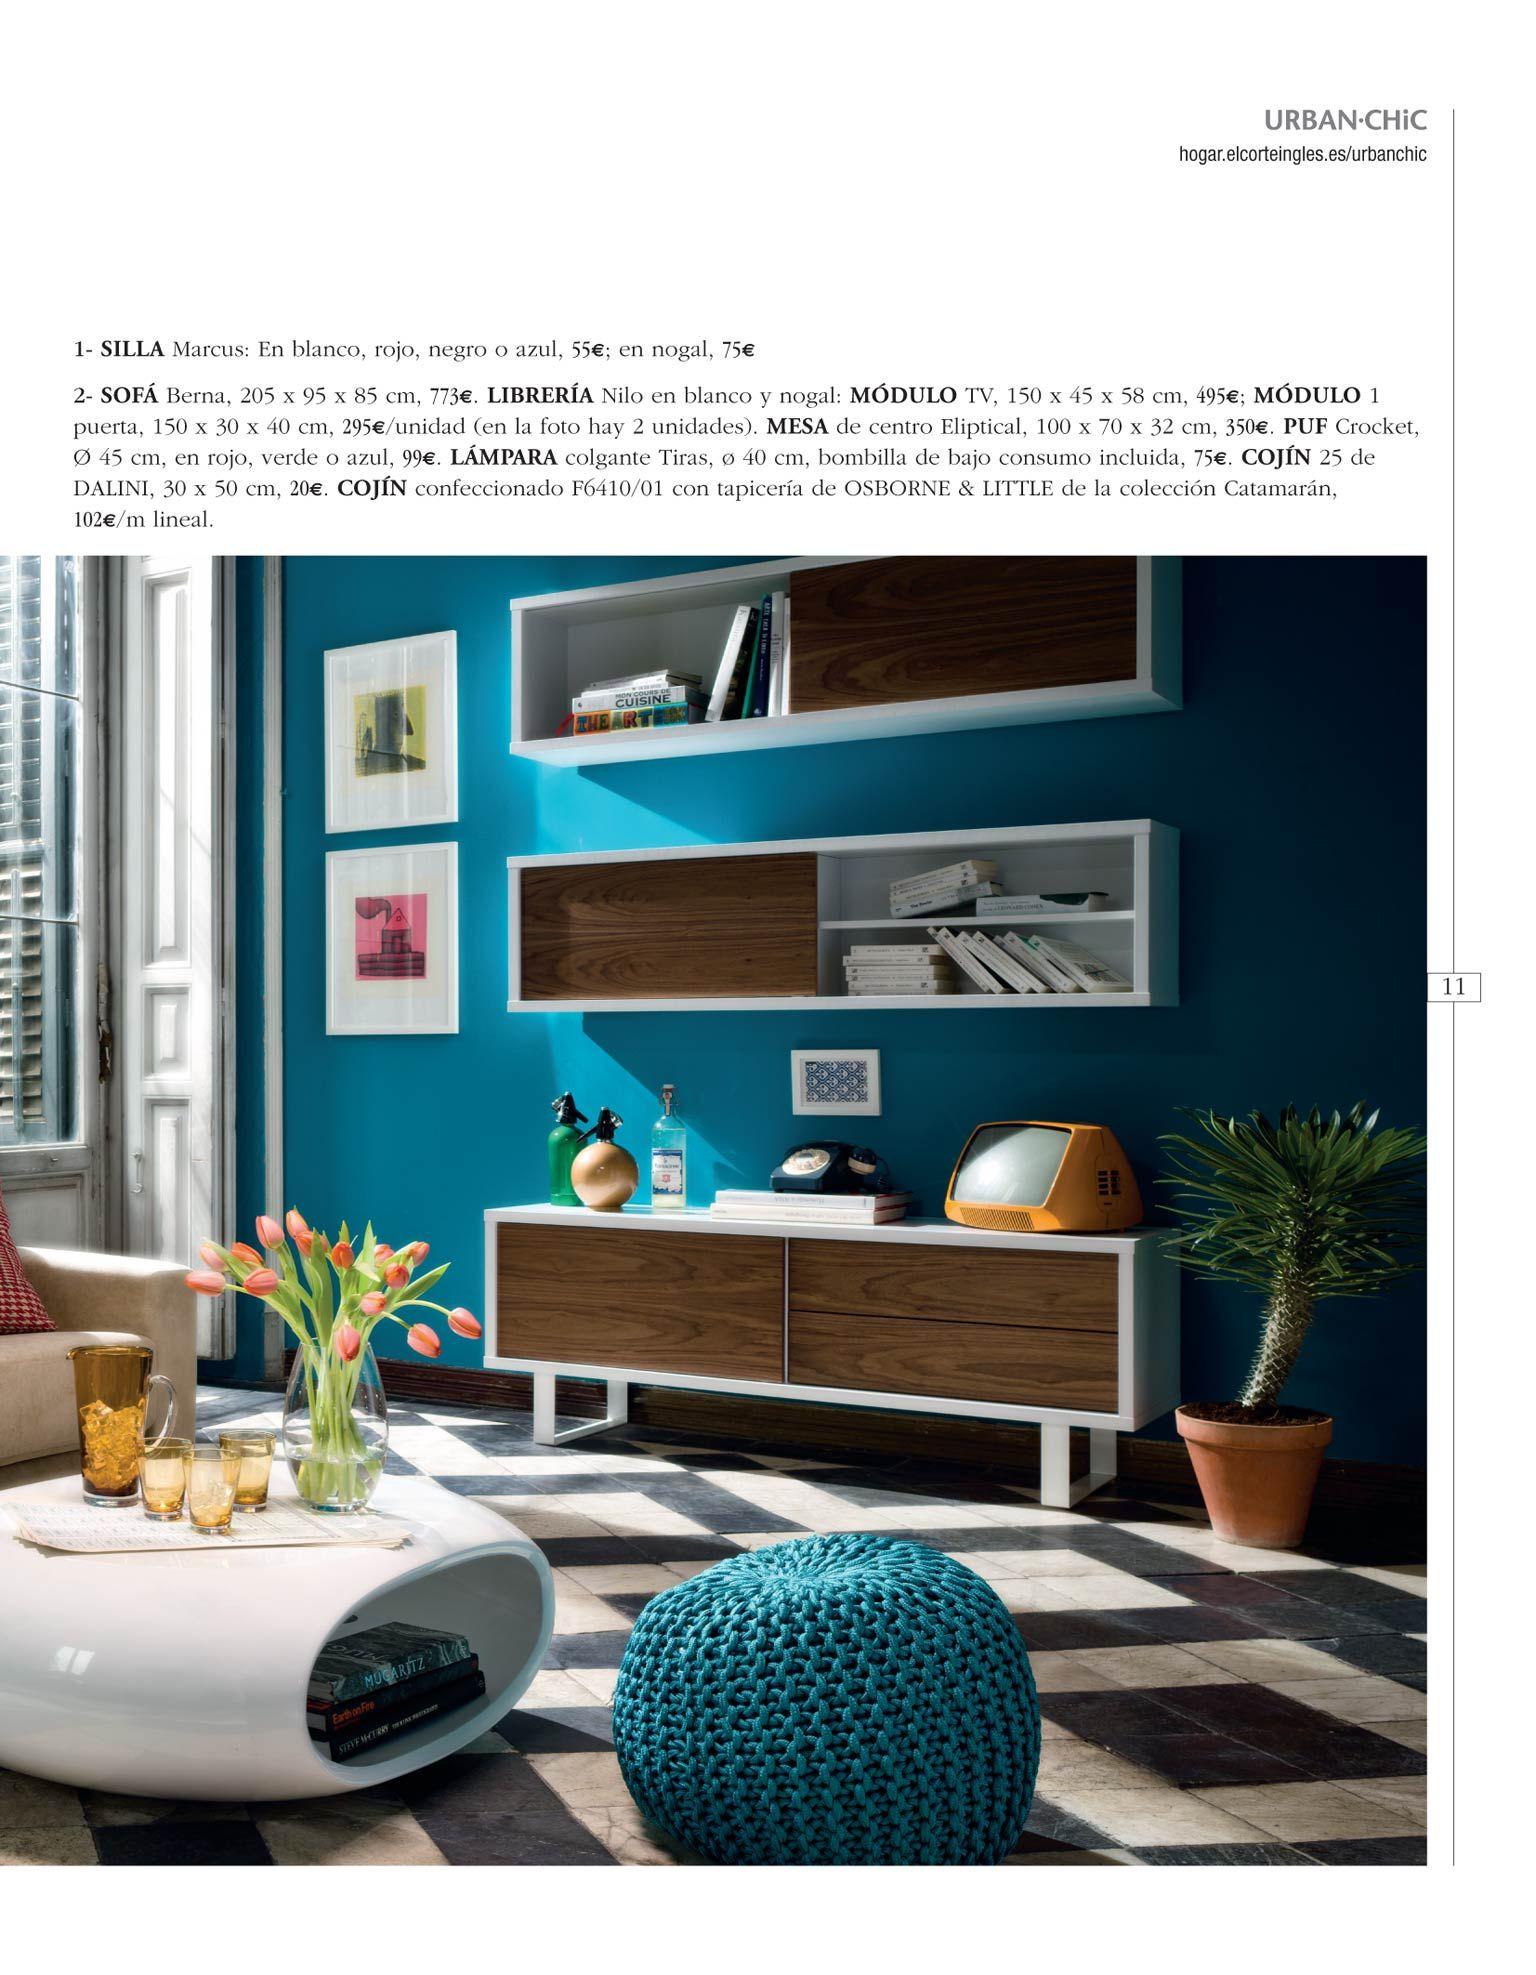 mueble de tv urban chic nilo decoracion para casa